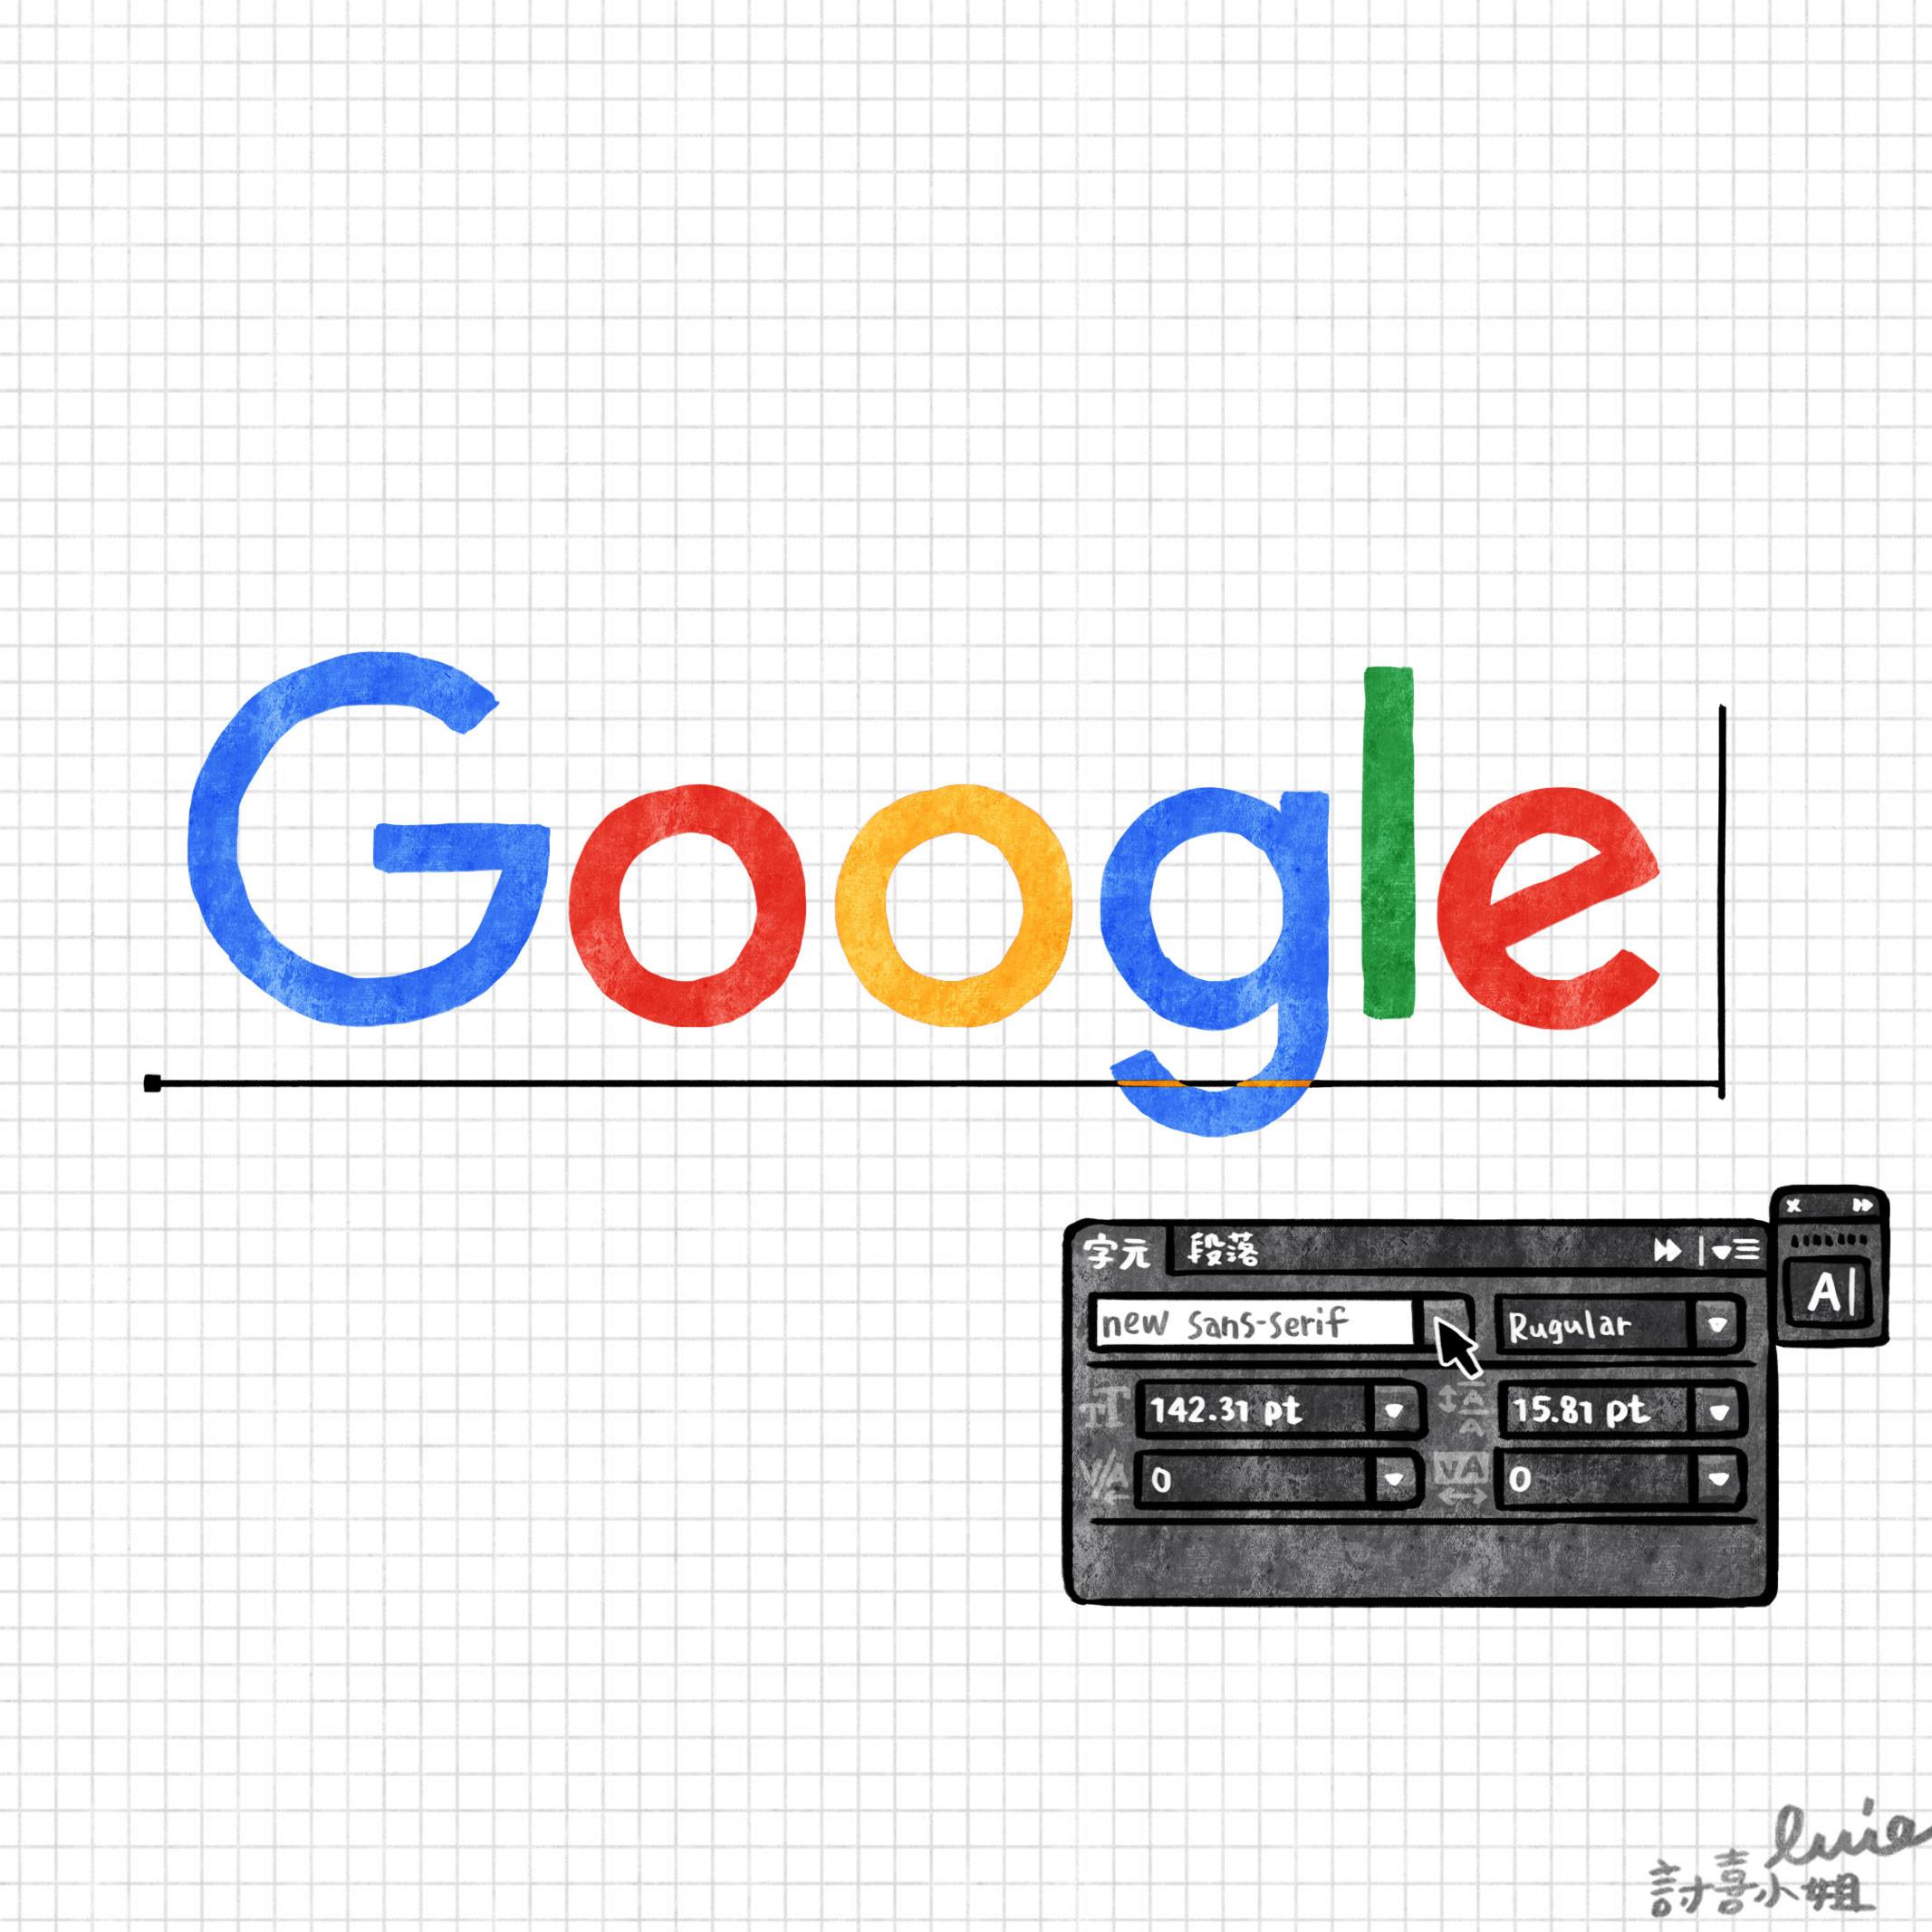 是今日新聞淺談:Google LOGO 大變身,少了傳統風味多了童趣這篇文章的首圖